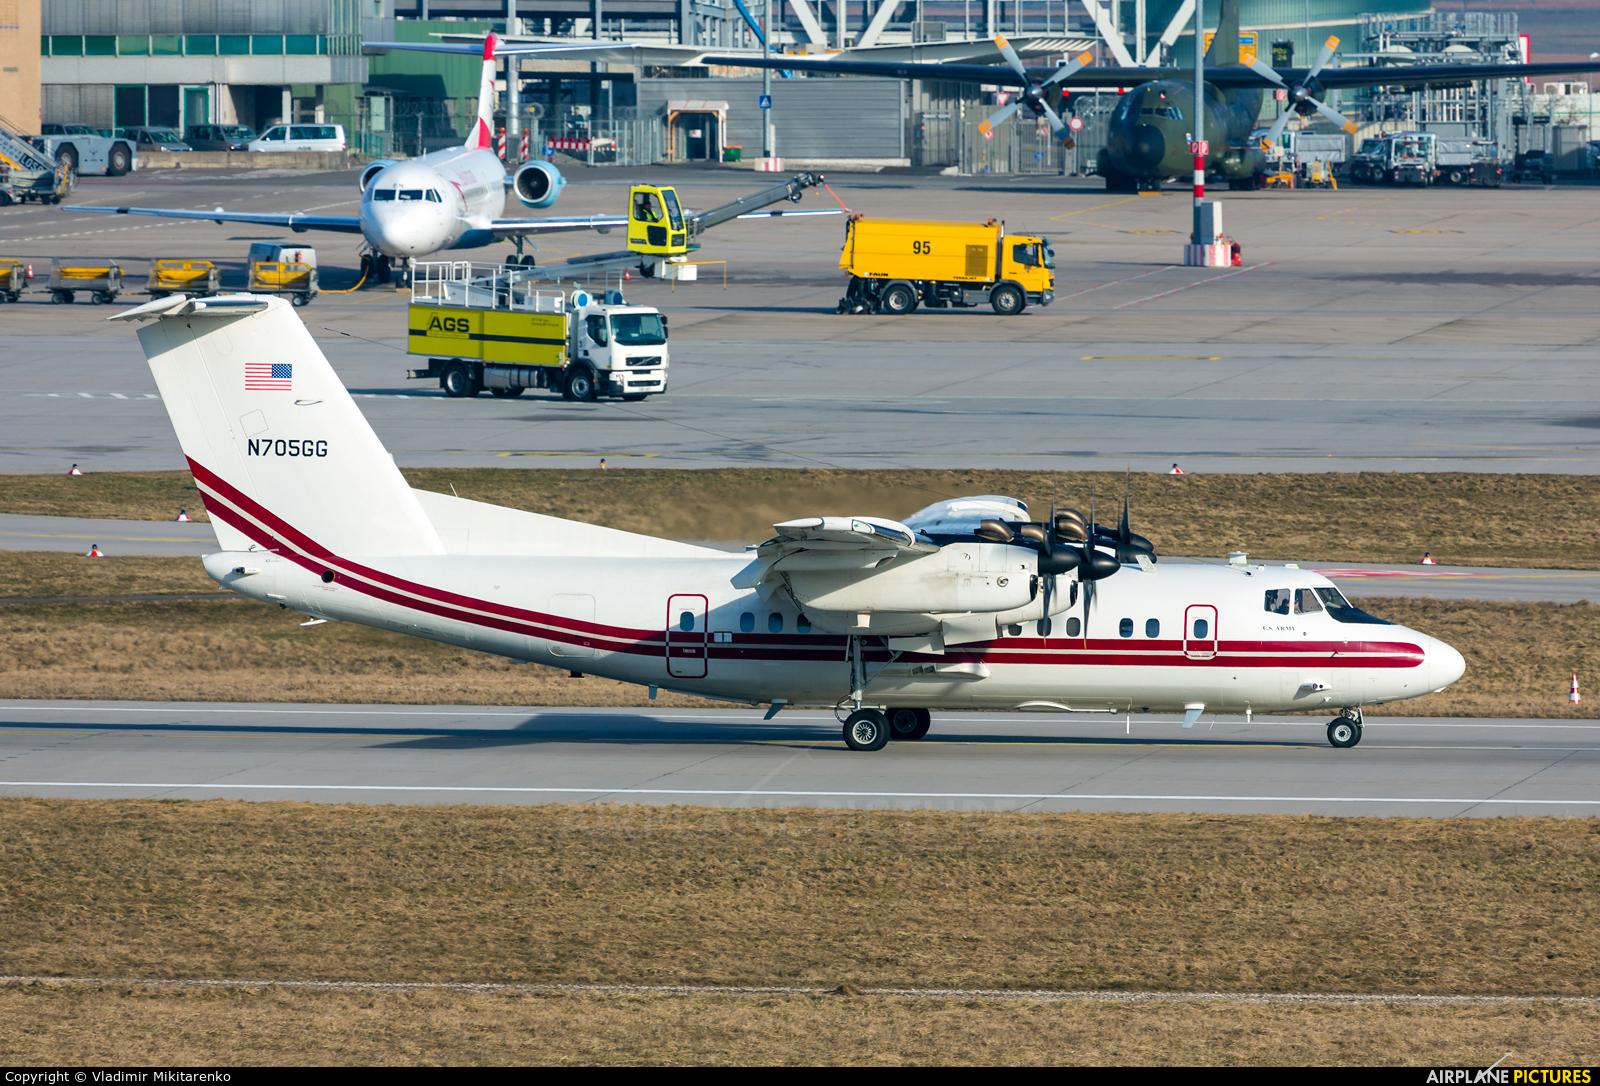 USA - Army N705GG aircraft at Stuttgart